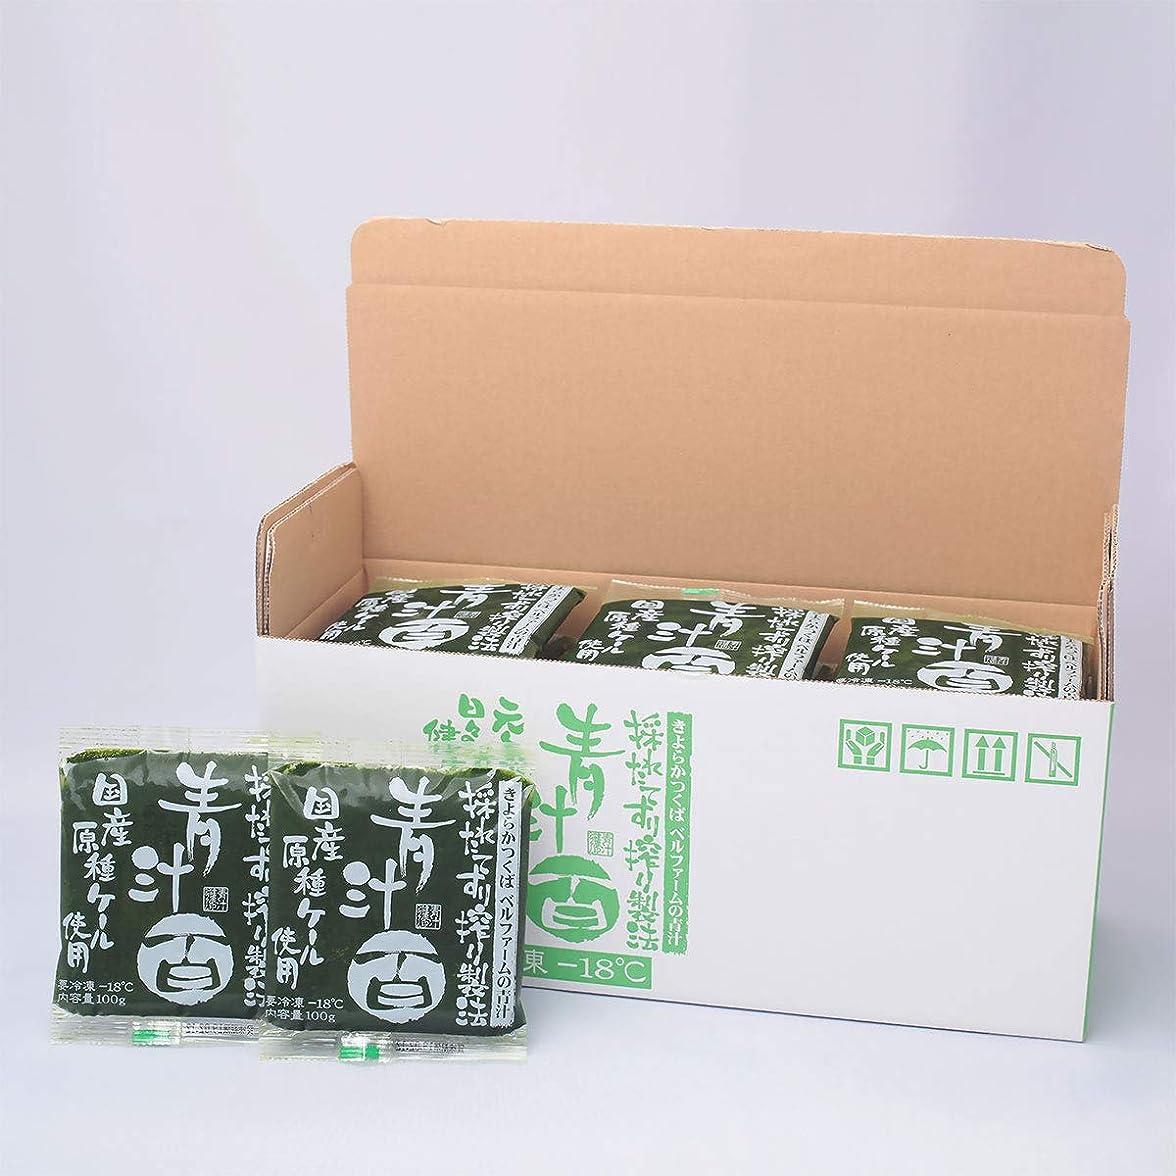 ゼロ完全に乾くあそこベルファーム 青汁百(30袋)AM 自社農場産 ケール 100% 農薬不使用 無添加 素材の味そのまま冷凍 100g×30袋 自社一貫生産